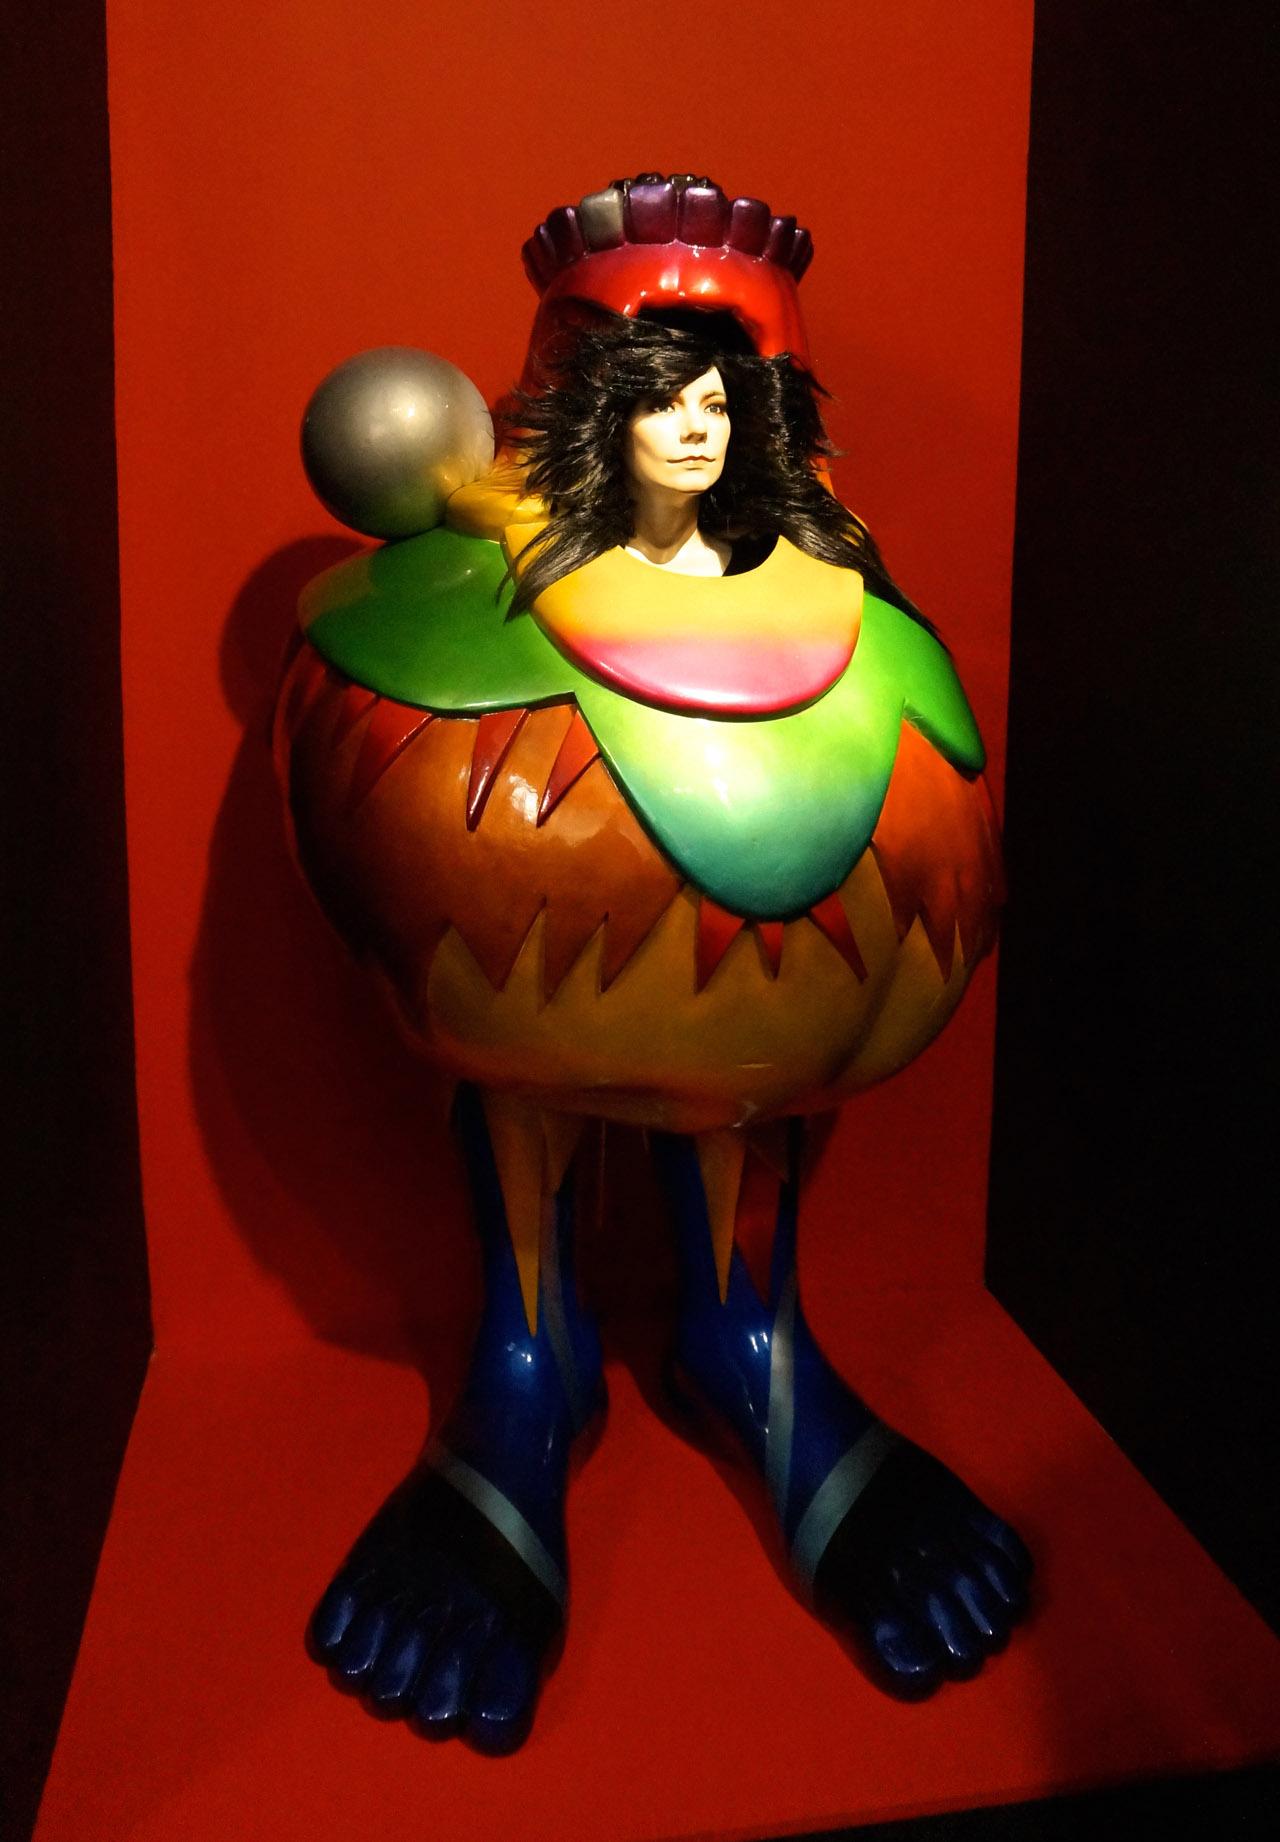 Bernhard Willhelm, Body Sculpture (2007) (photo by Jillian Steinhauer/Hyperallergic)